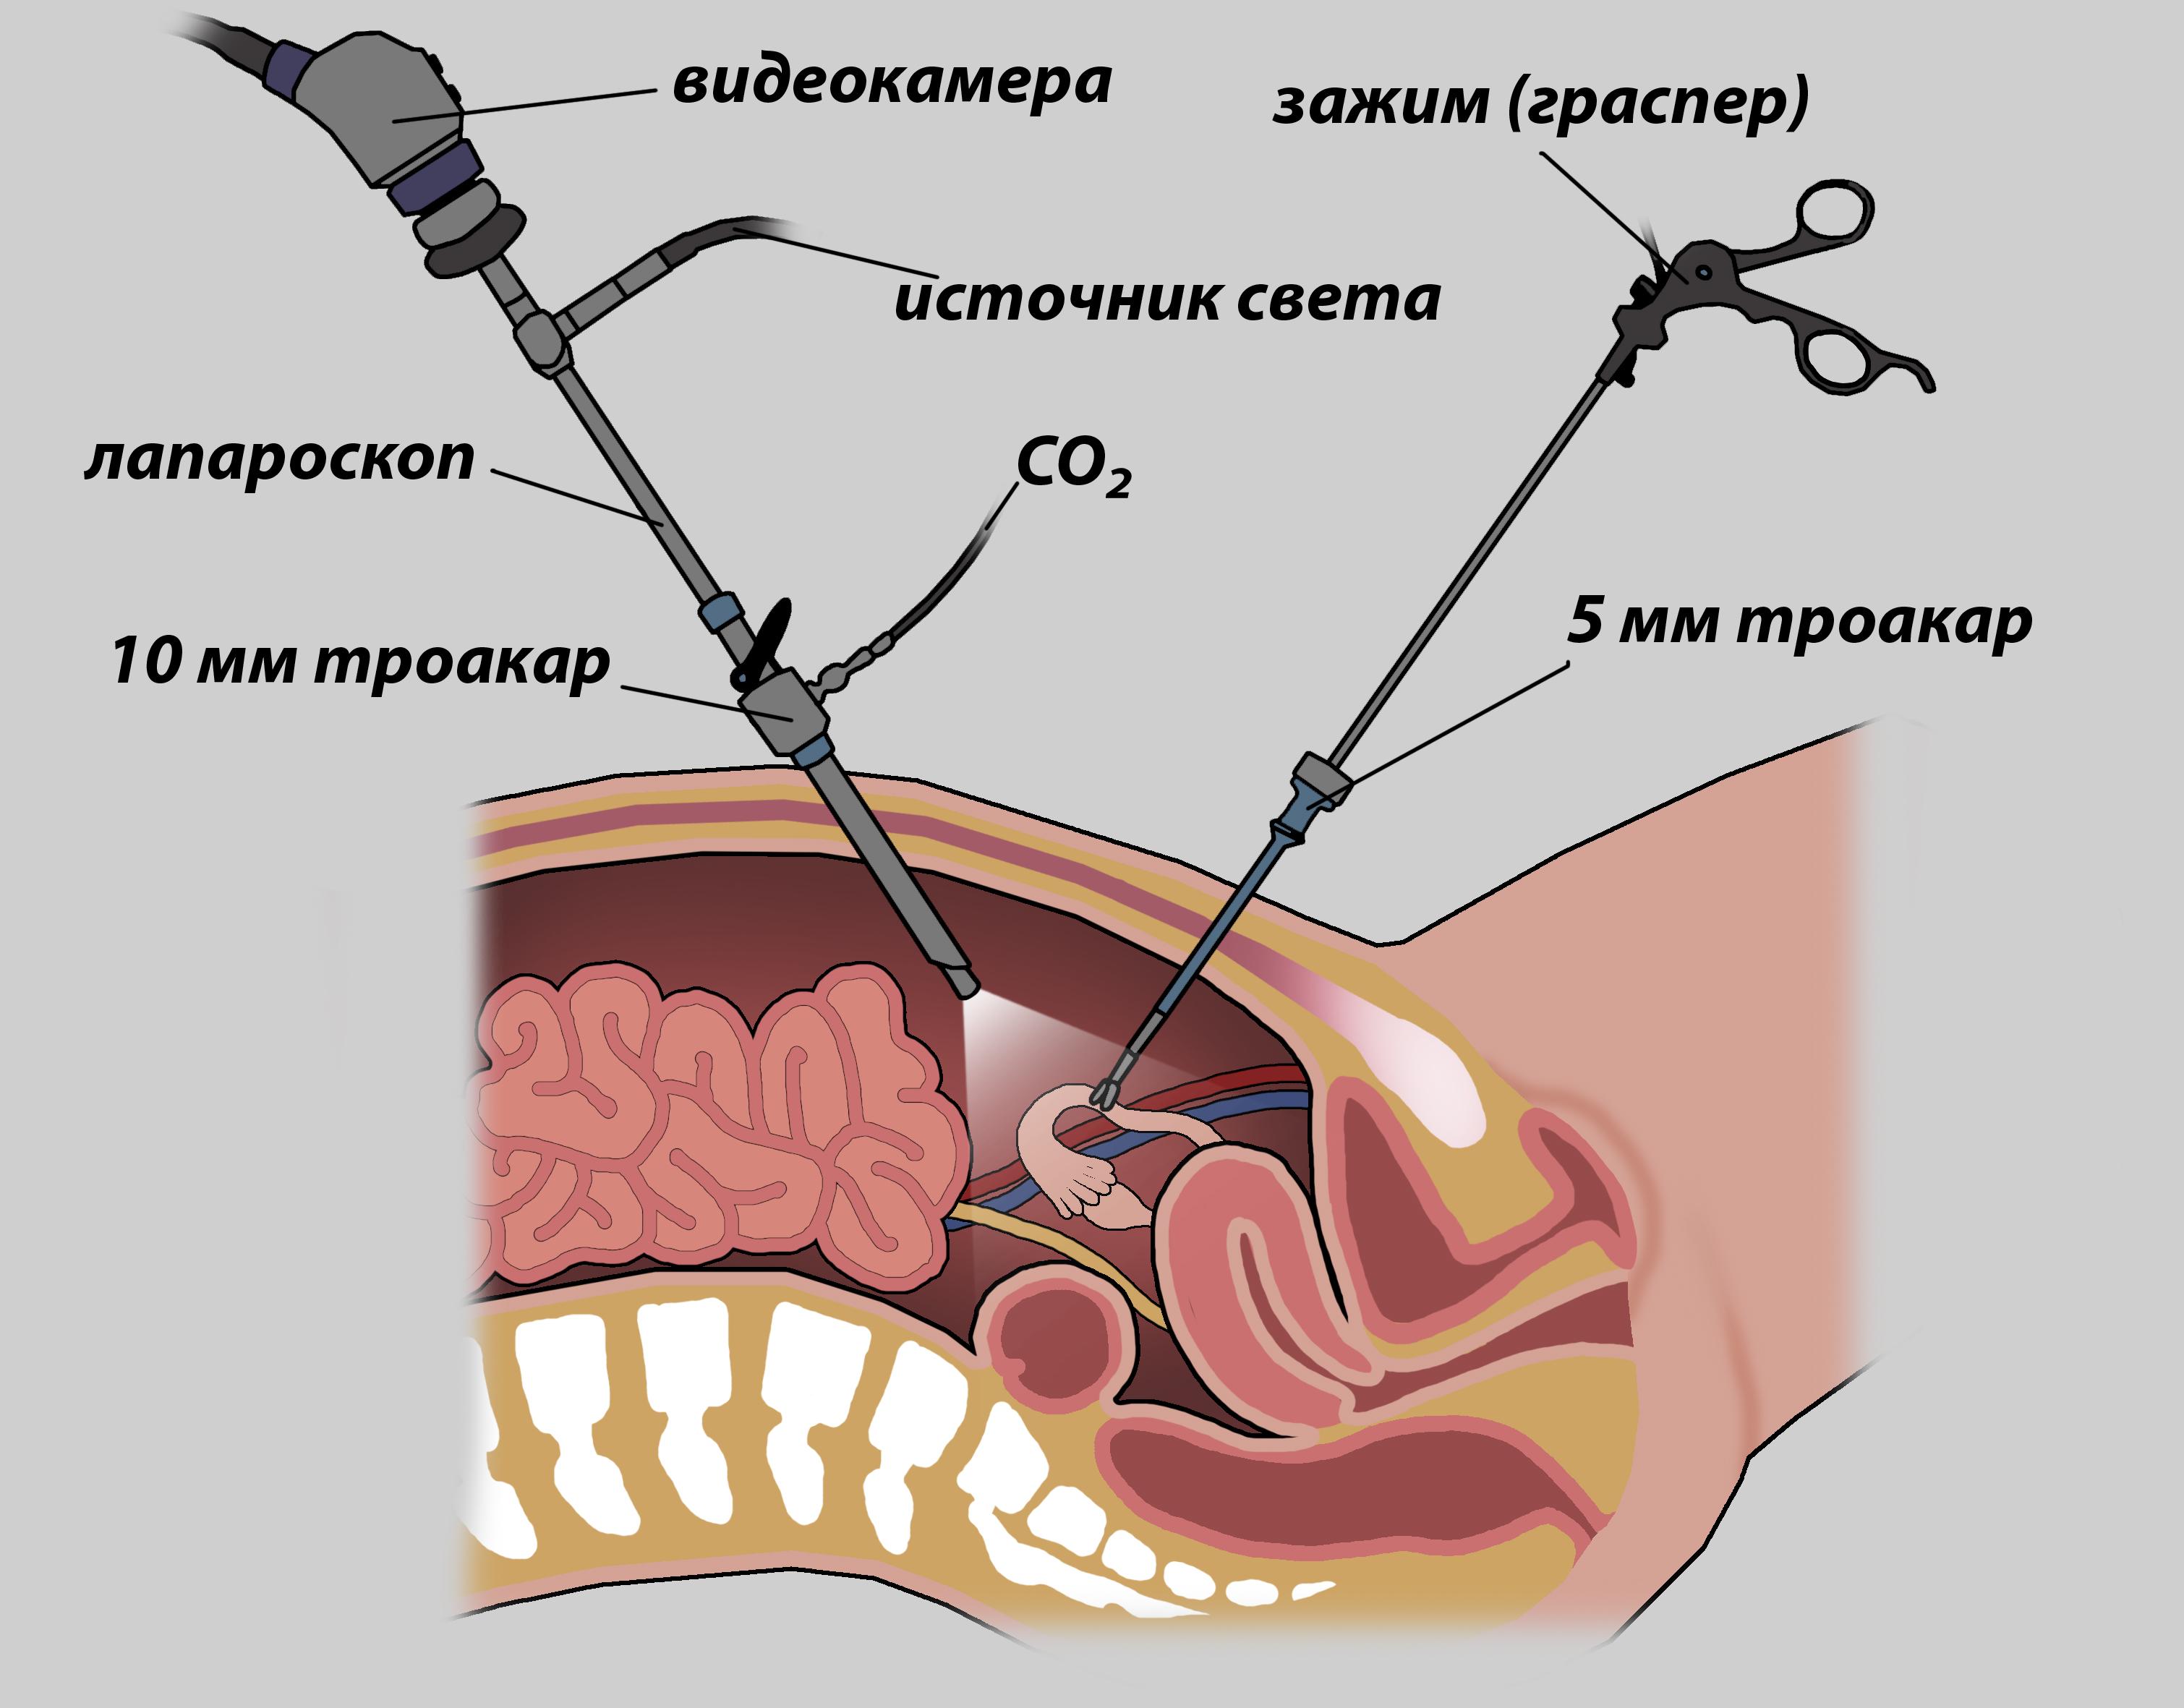 последствия лапароскопии 2